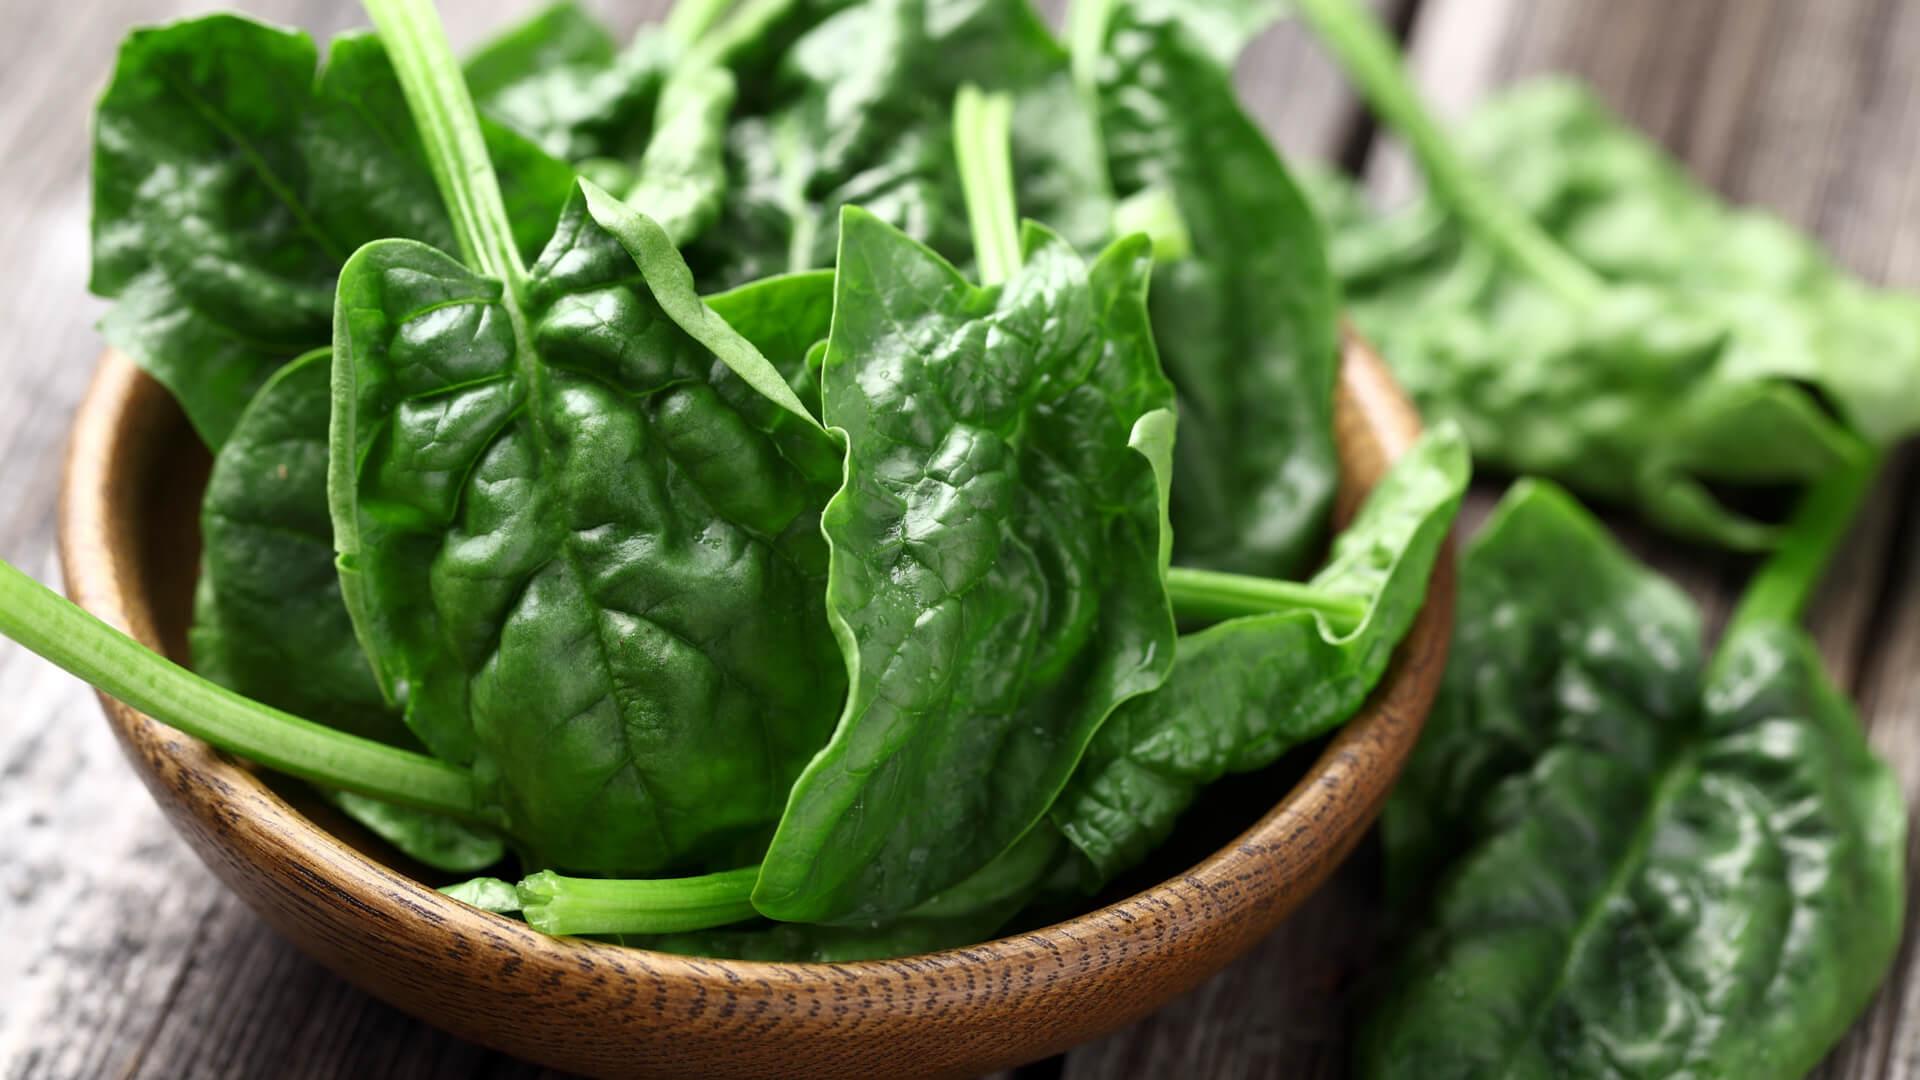 mørkegrønne grøntsager, spinat